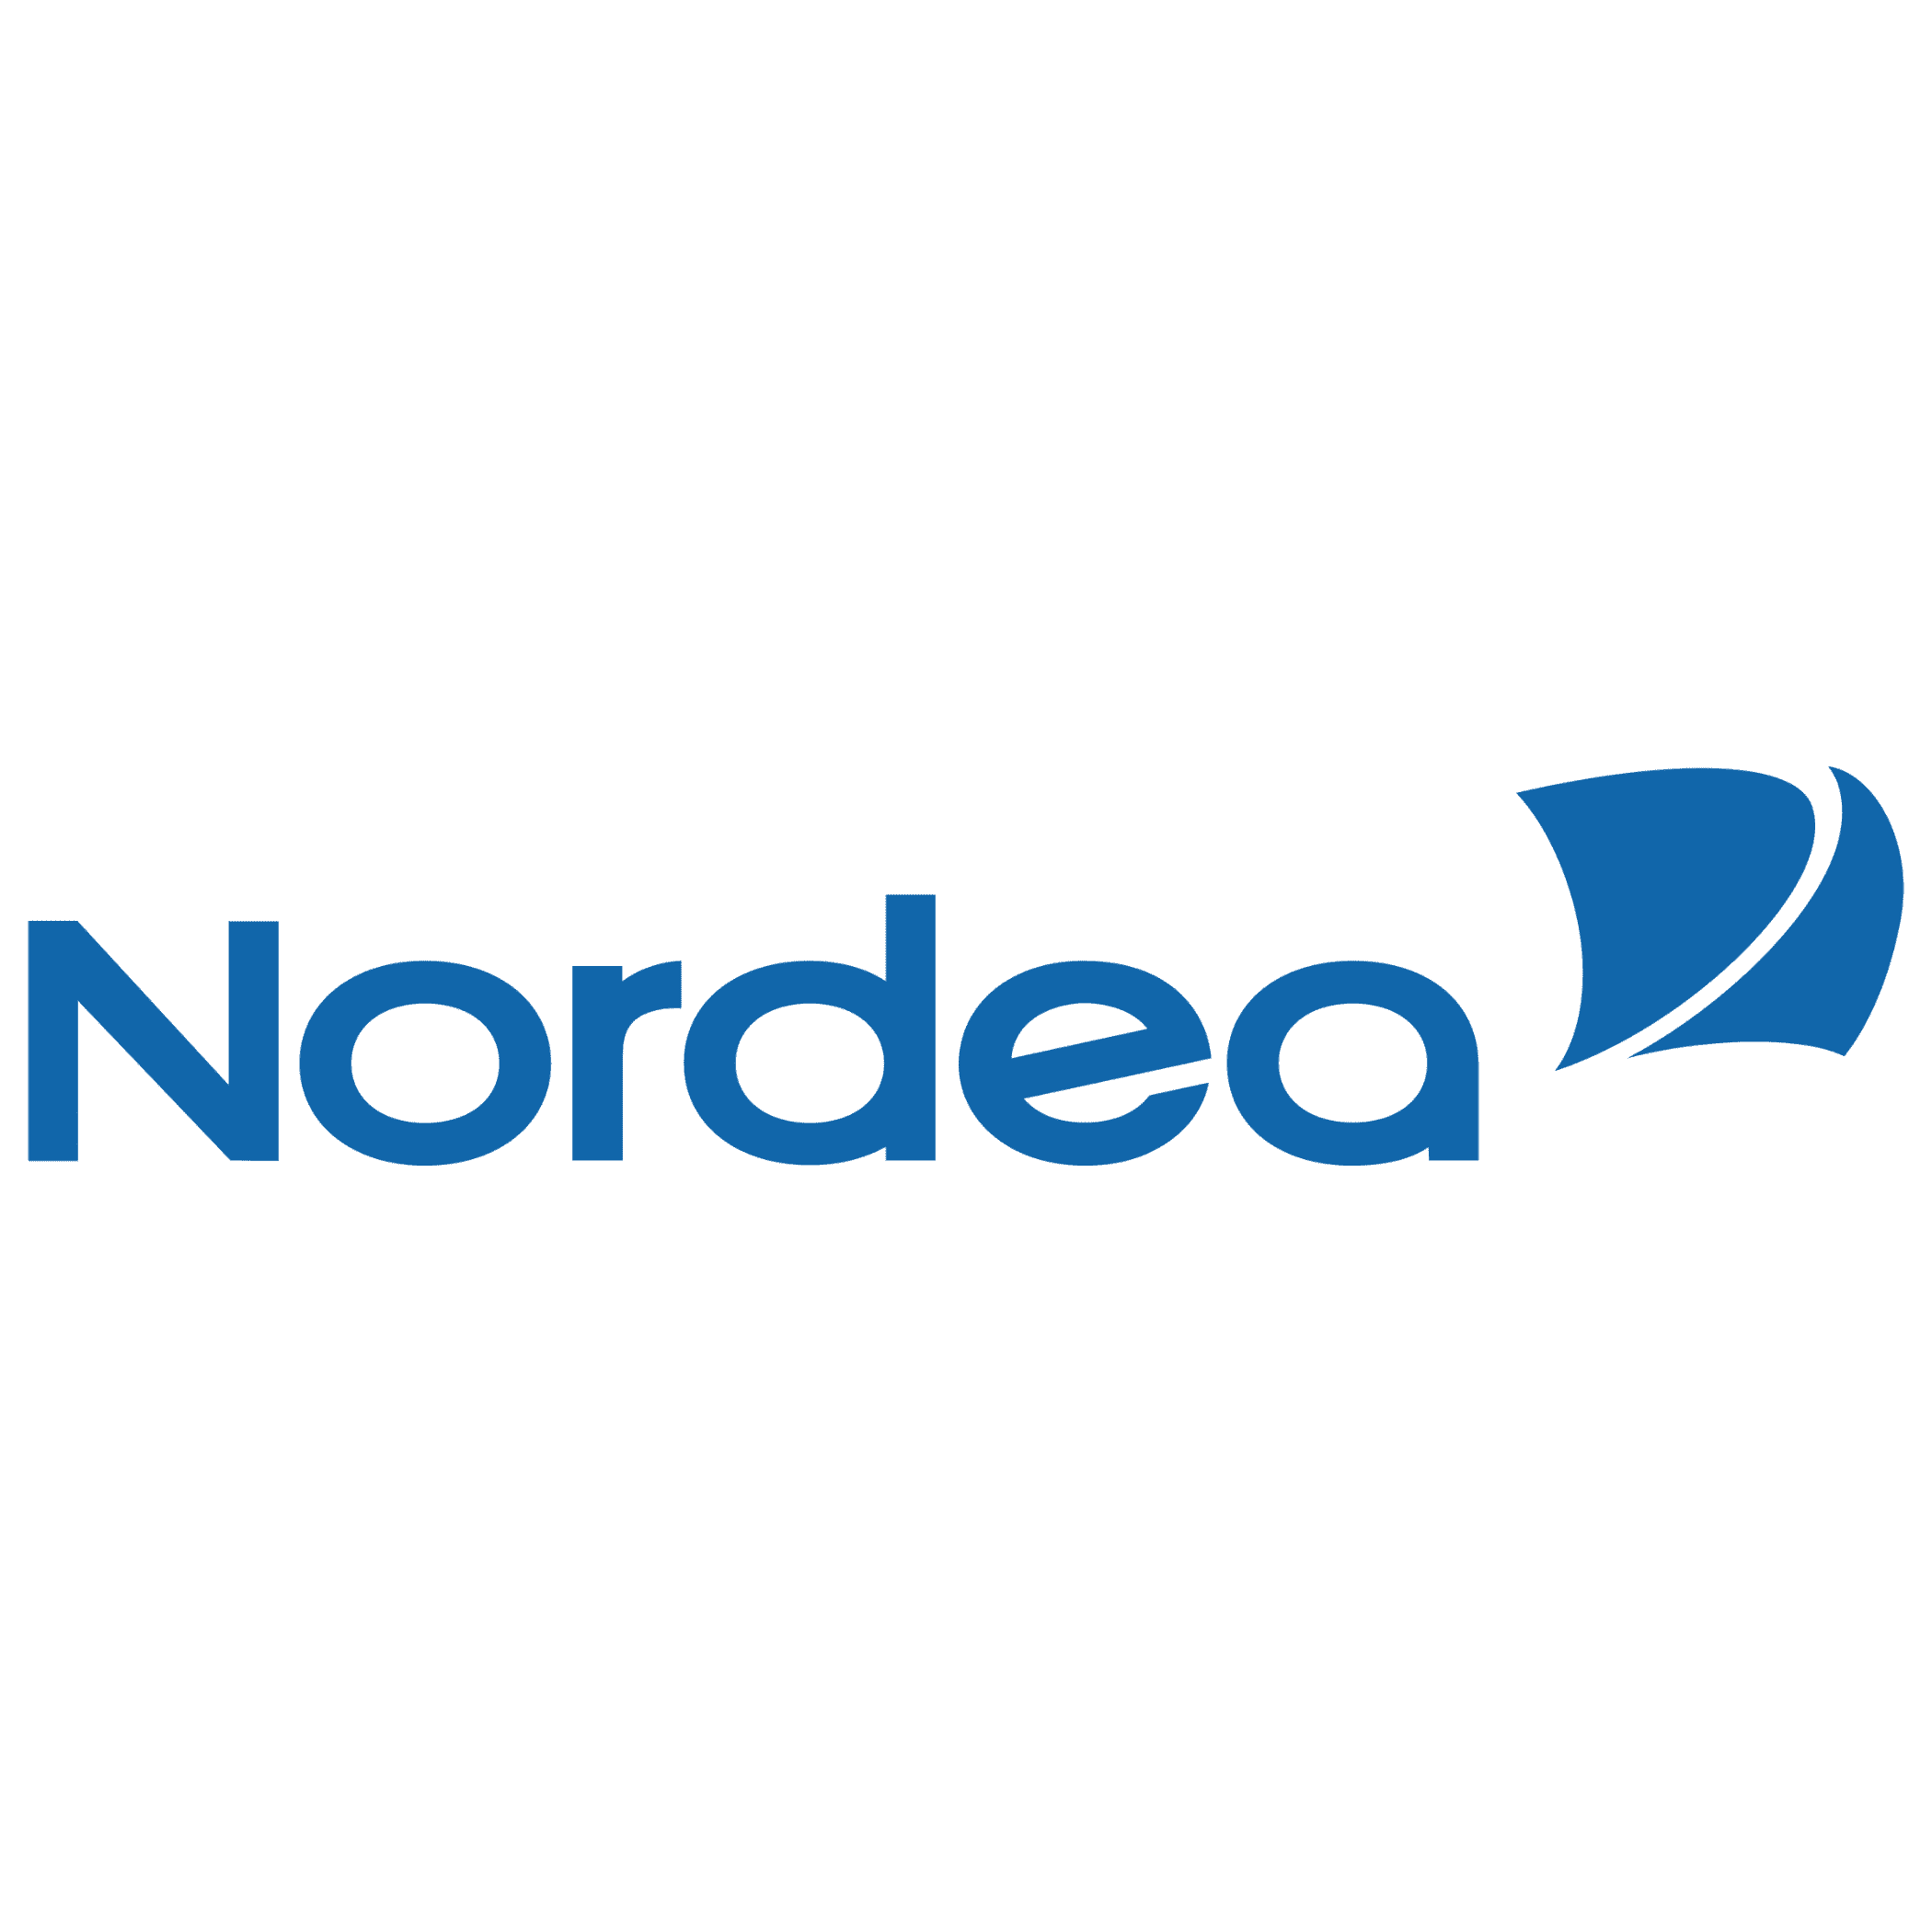 nordea-logo-png-transparent.png